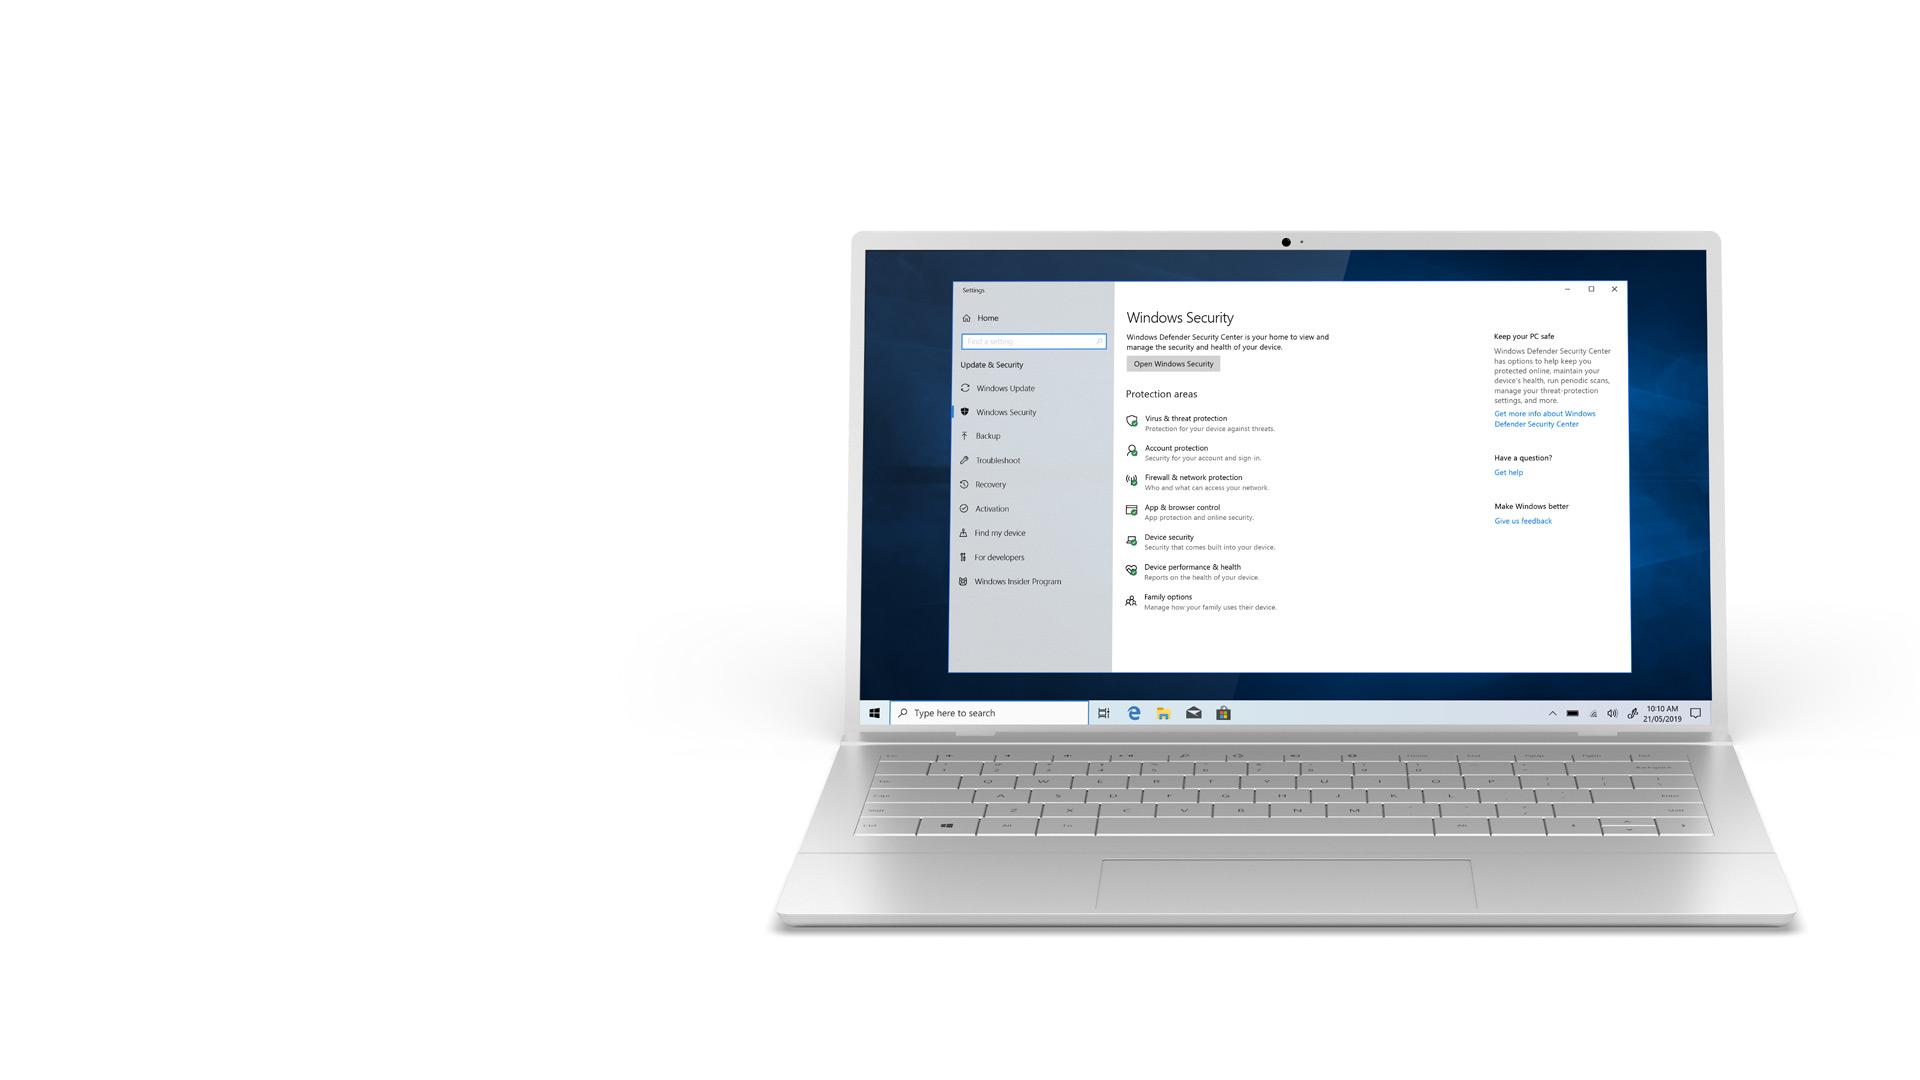 מחשב נייד עם Windows 10 שמציג מסך מרכז אבטחה של Windows 10